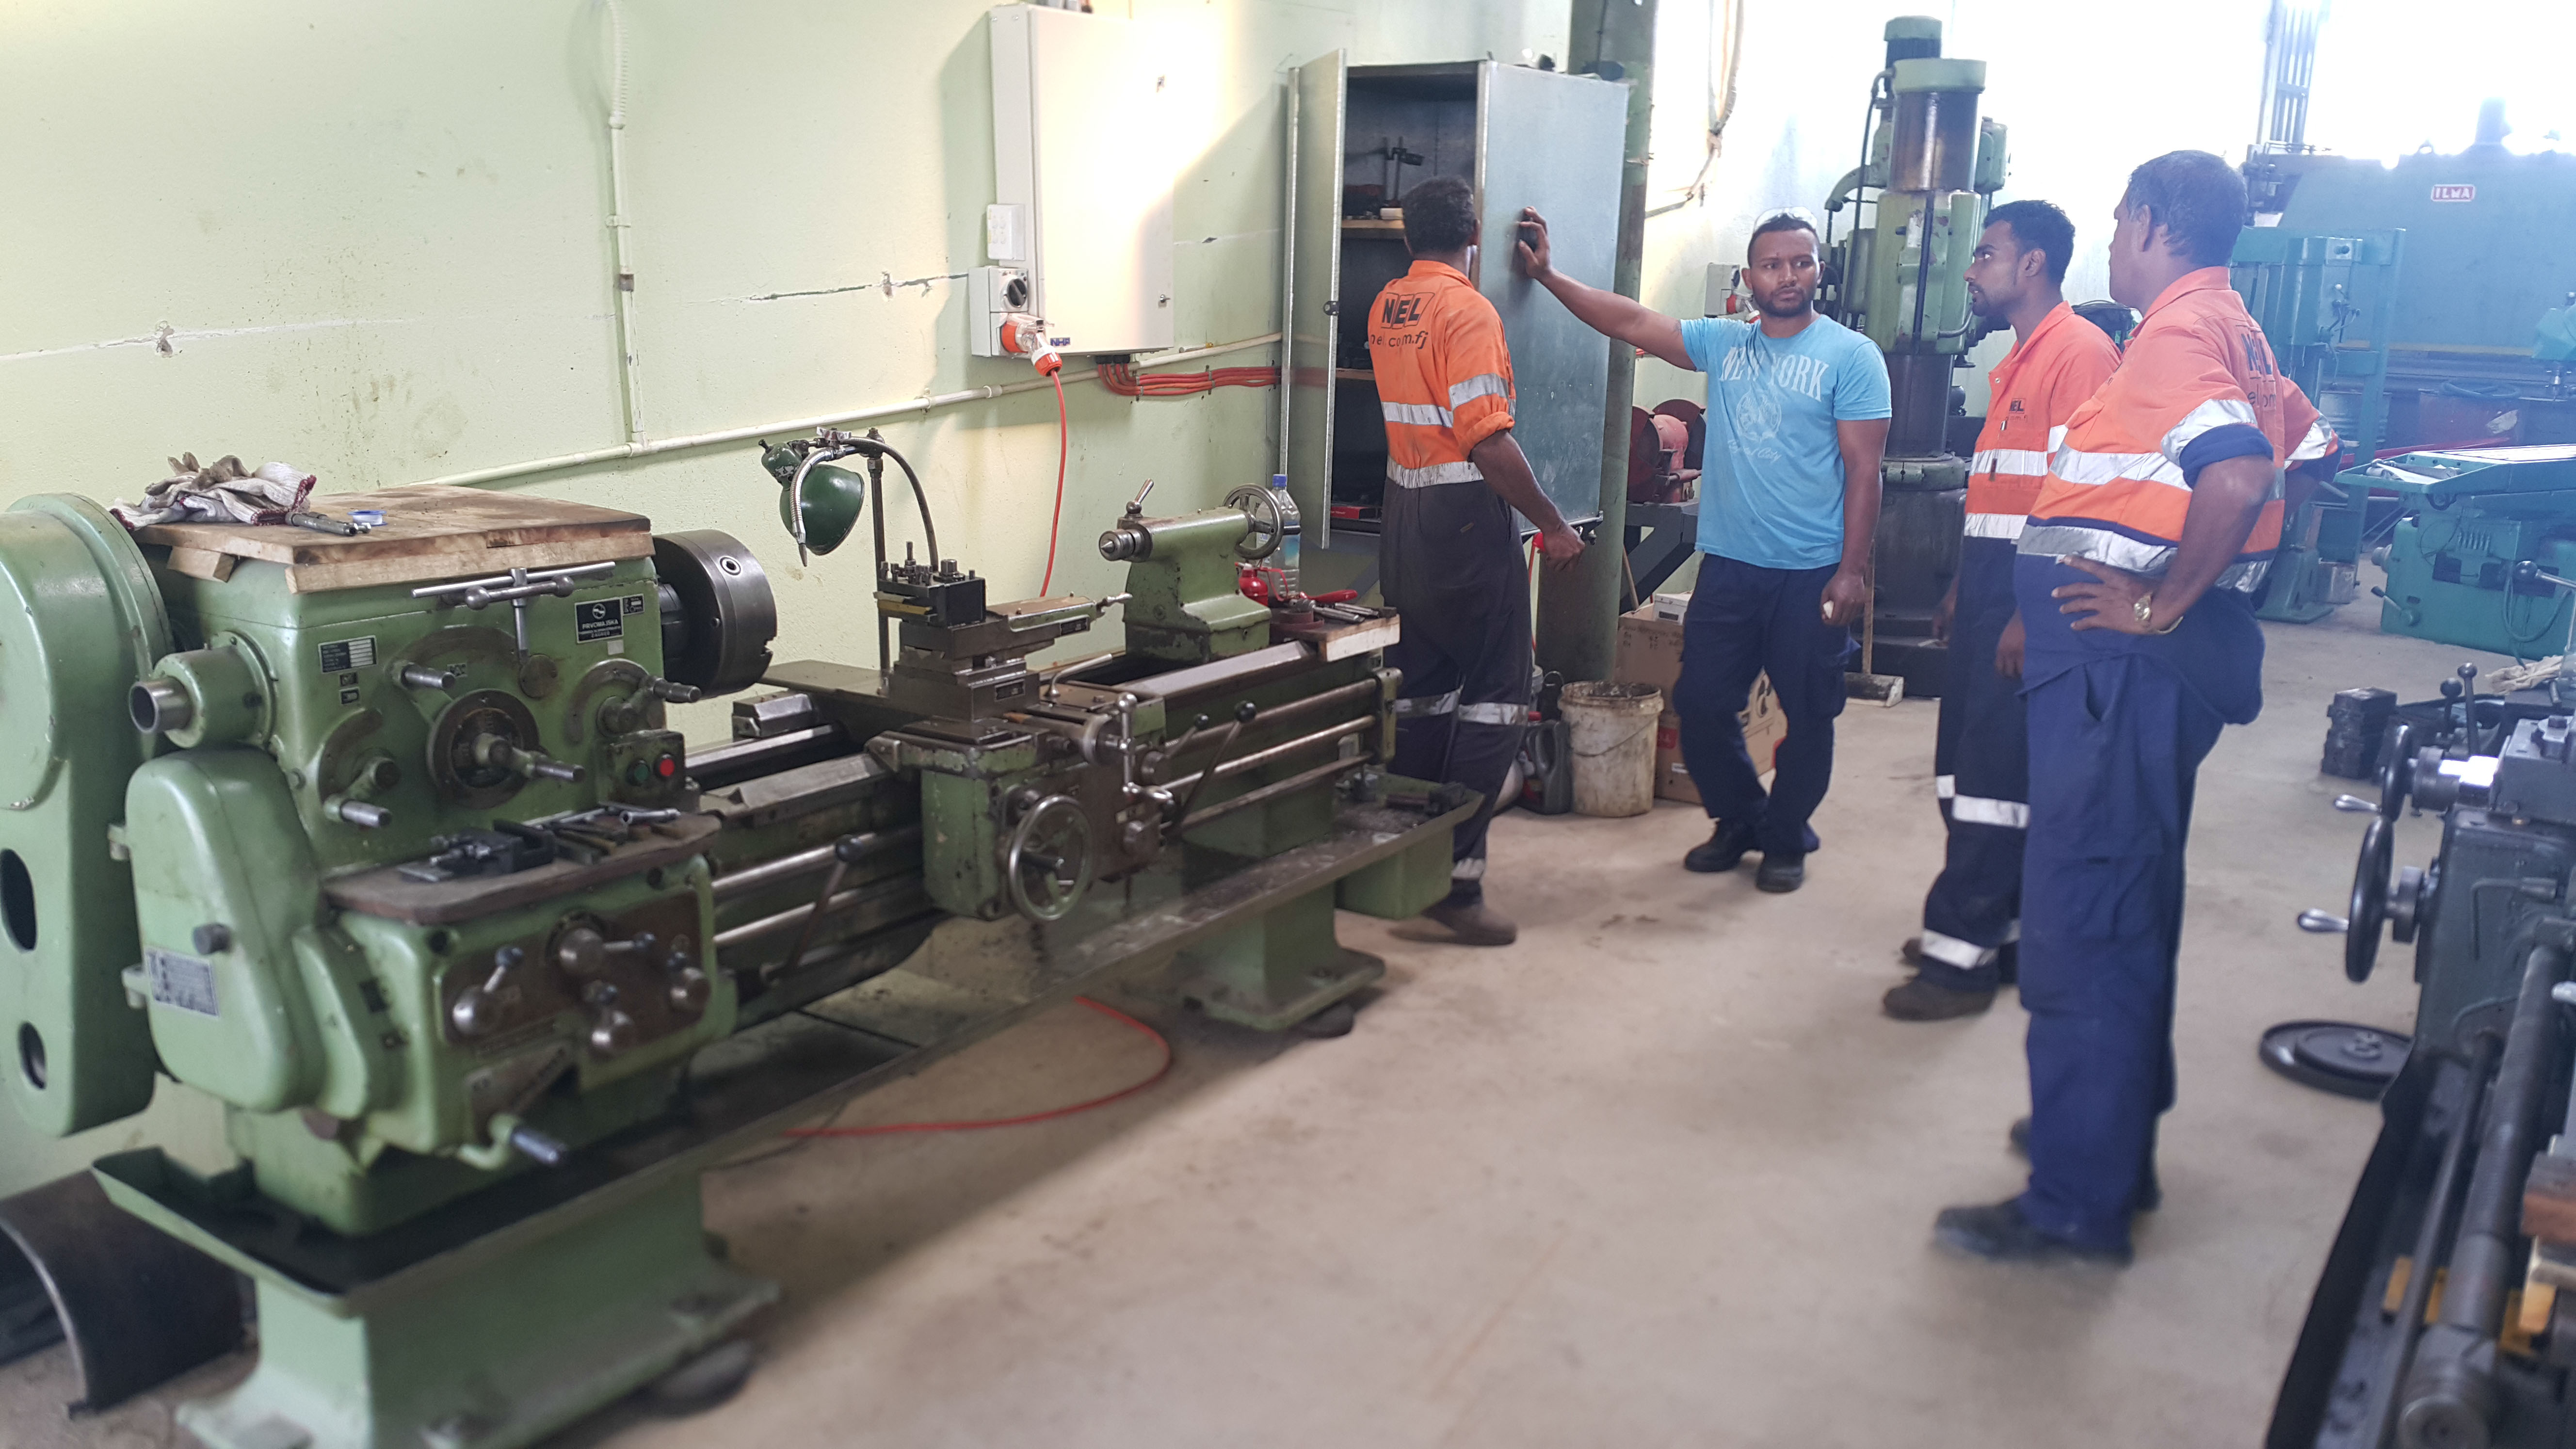 01 Small lathe machine